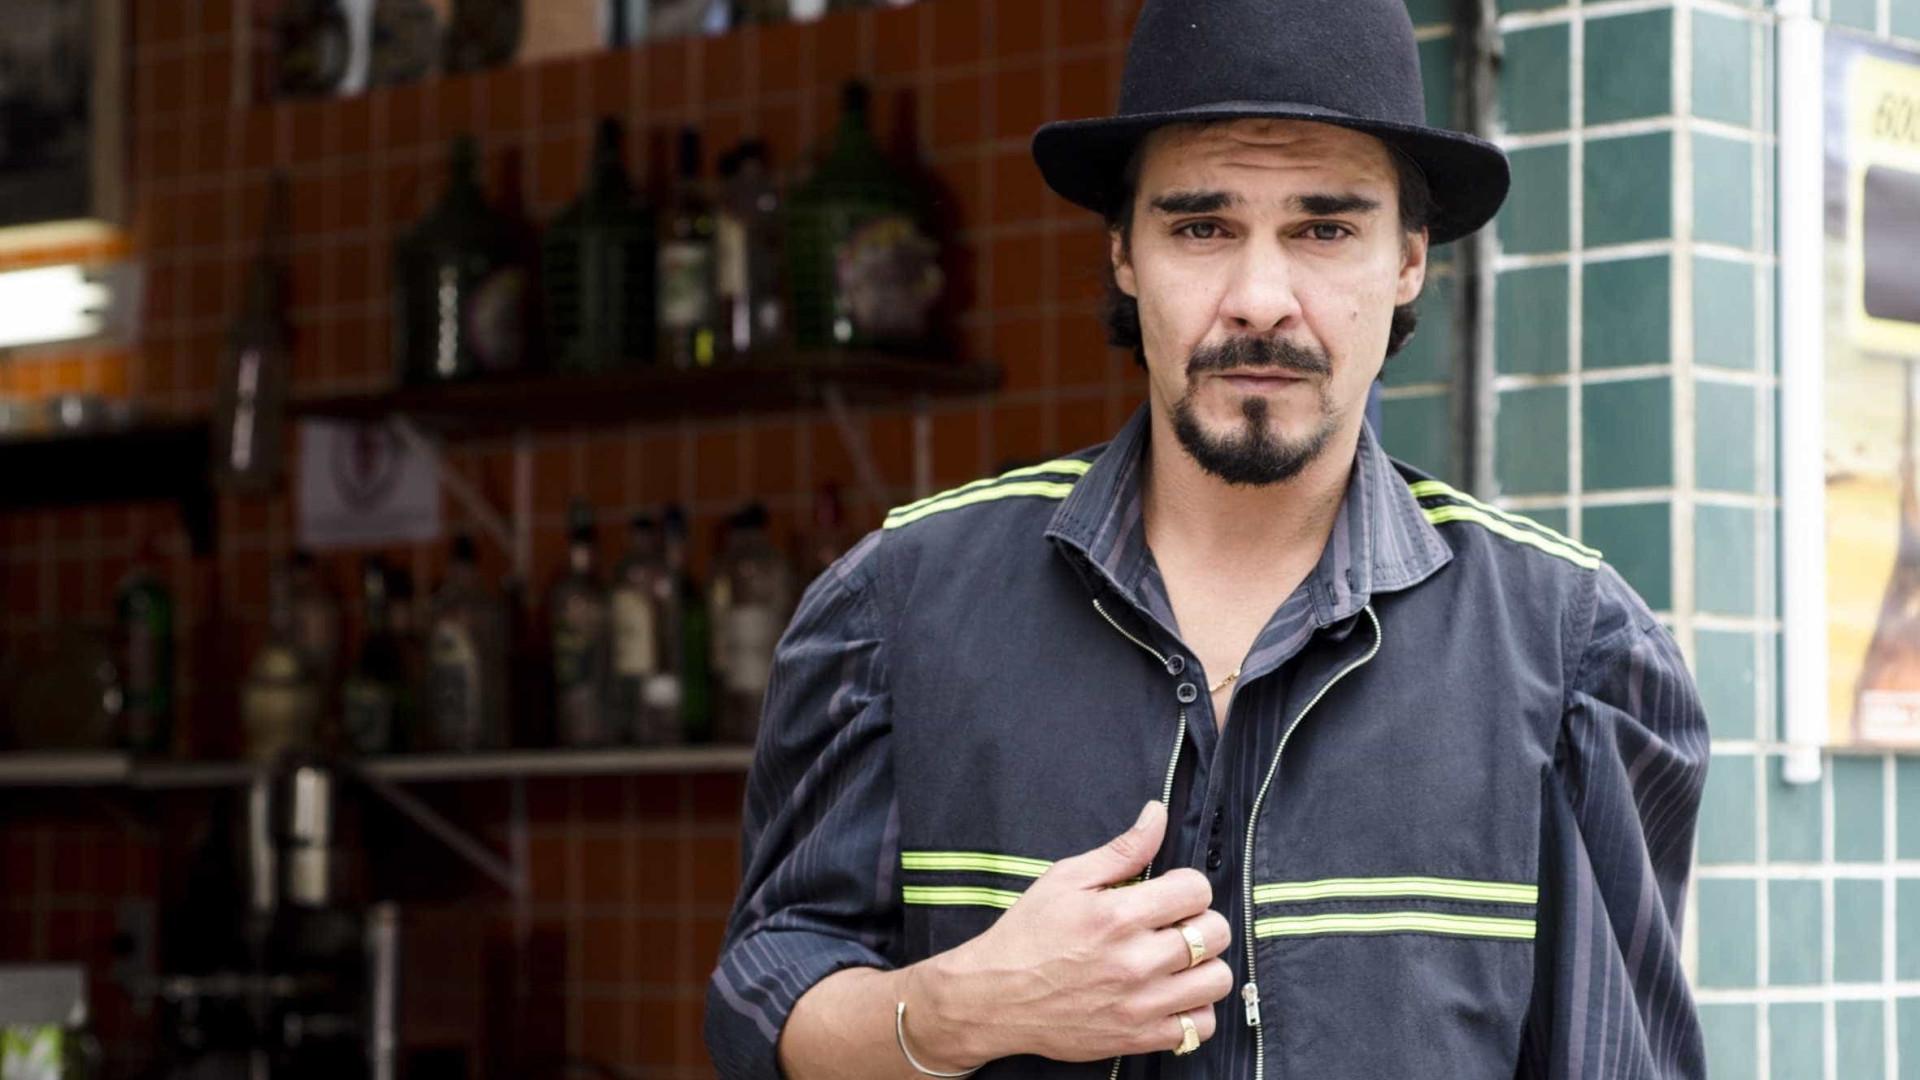 André Gonçalves é detido por ameaça e desacato em bar no Rio